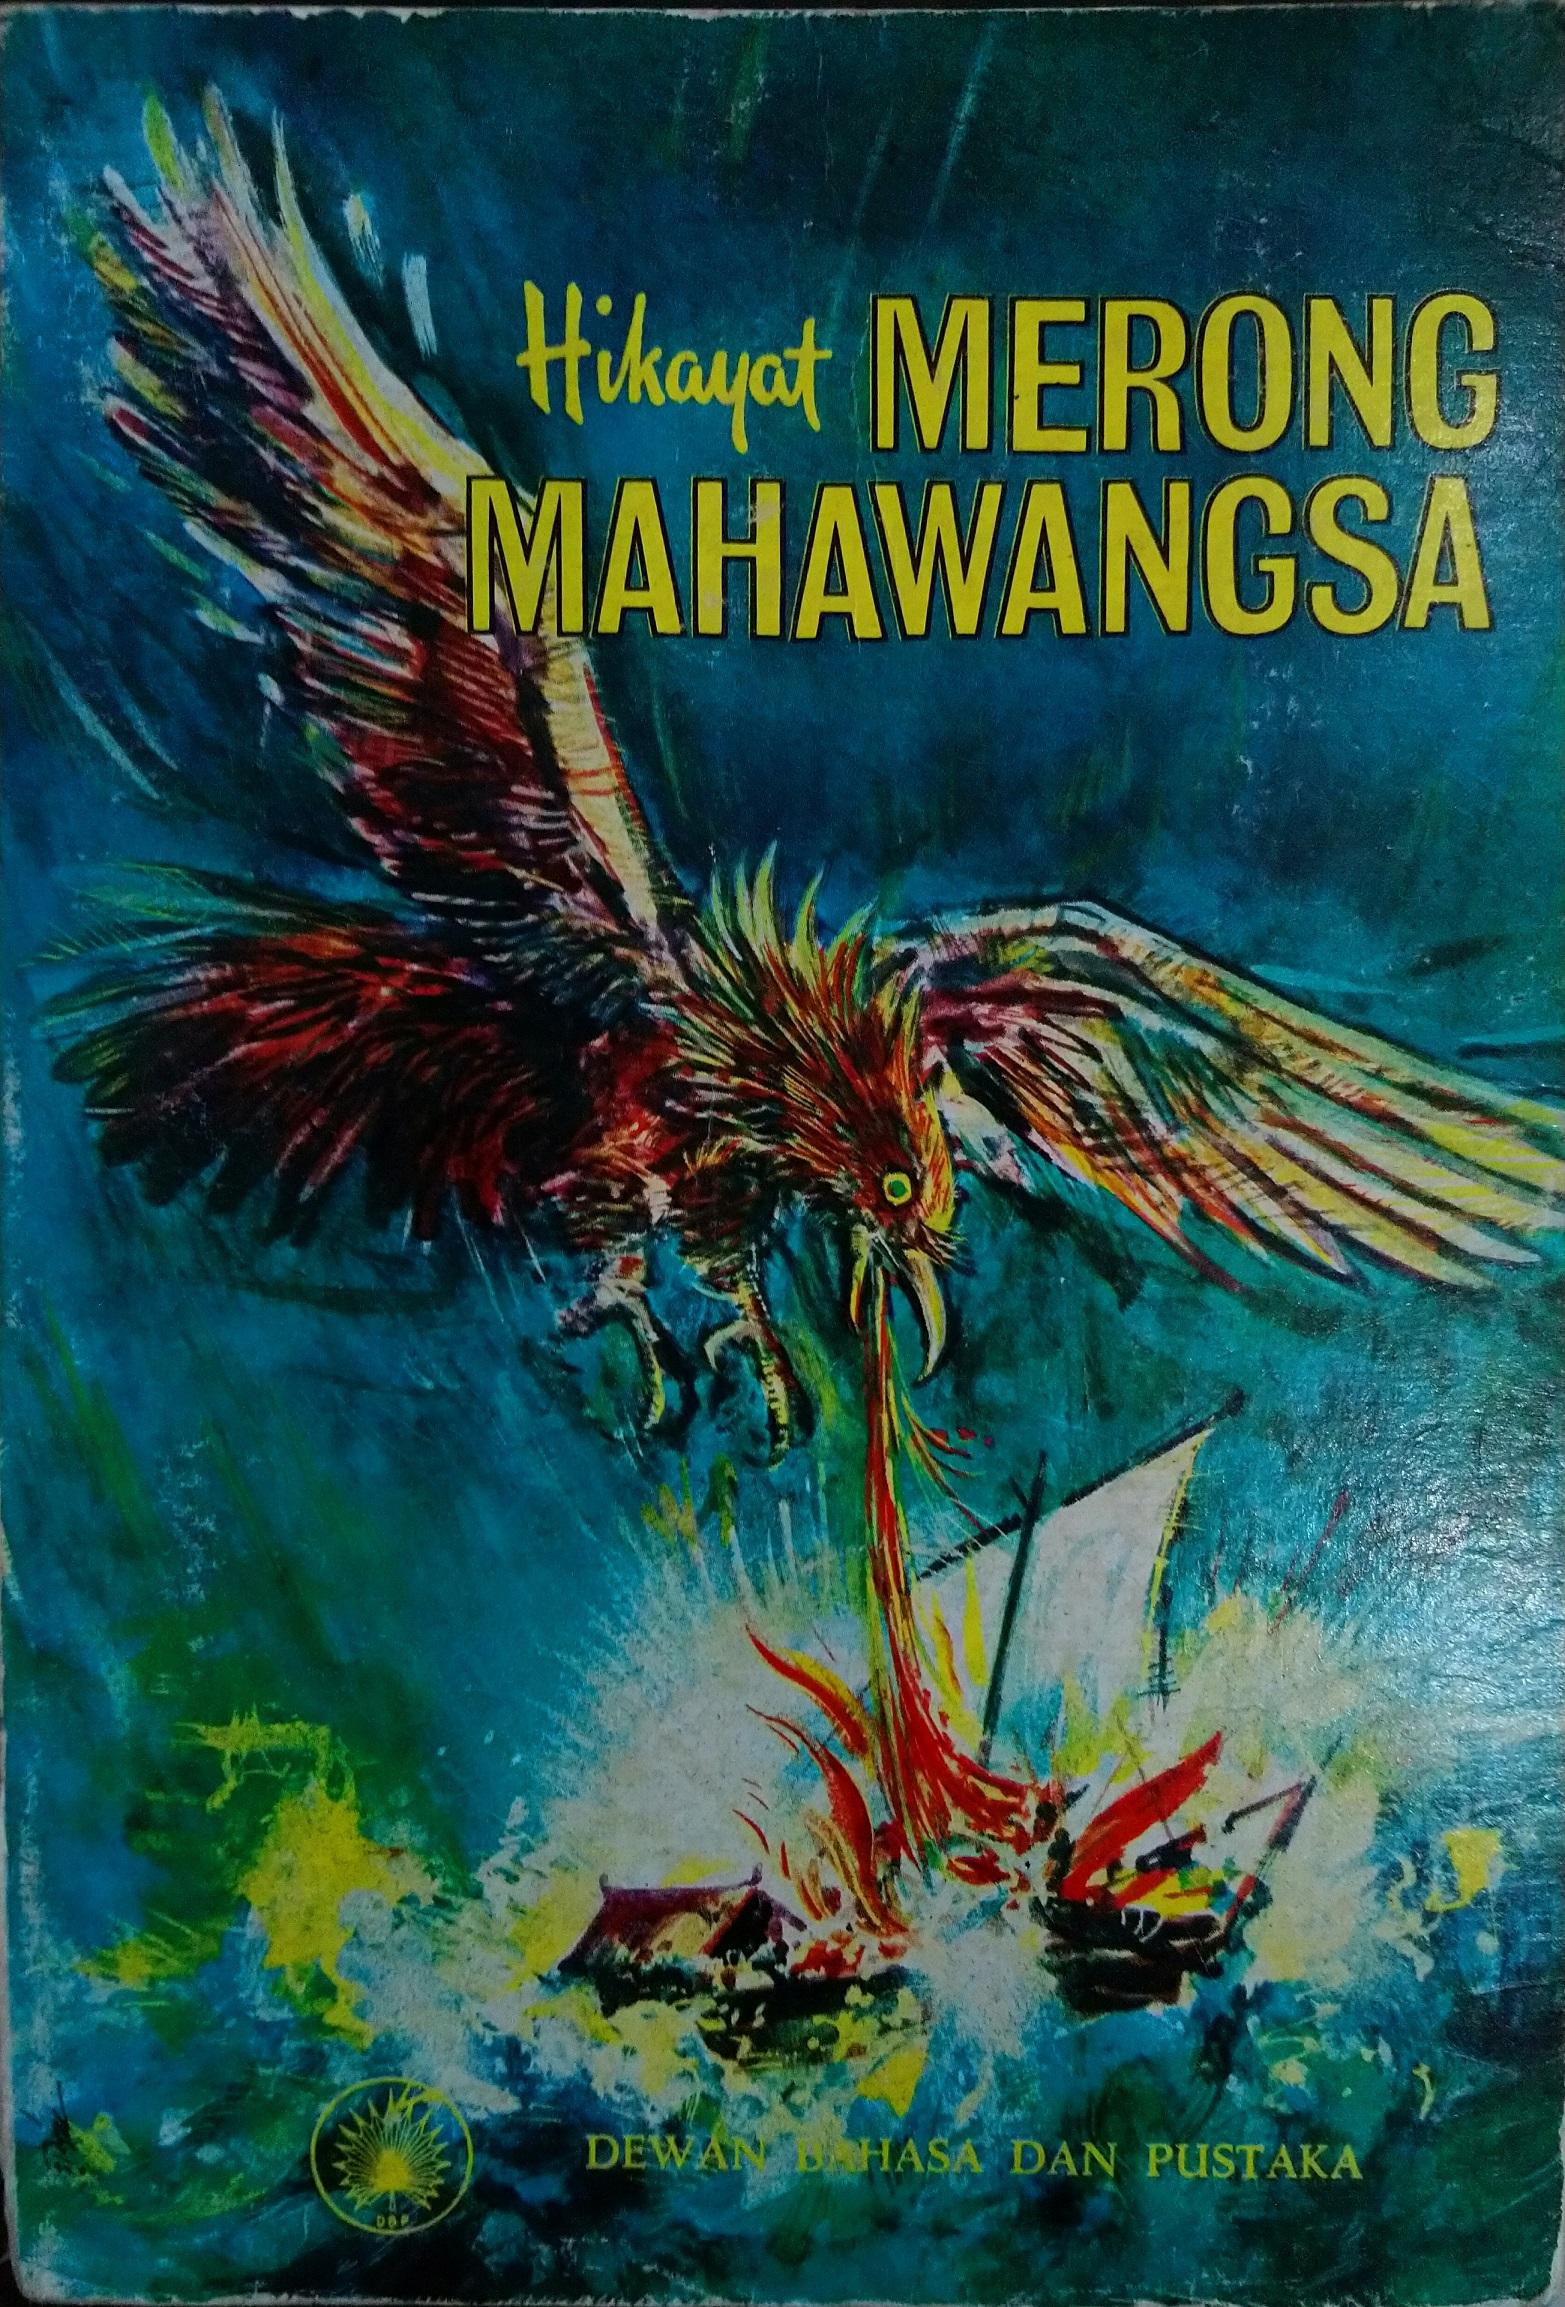 EP2 一個鳥故事牽引出整個民族起源, 曾被翻拍成電影的壯闊史詩